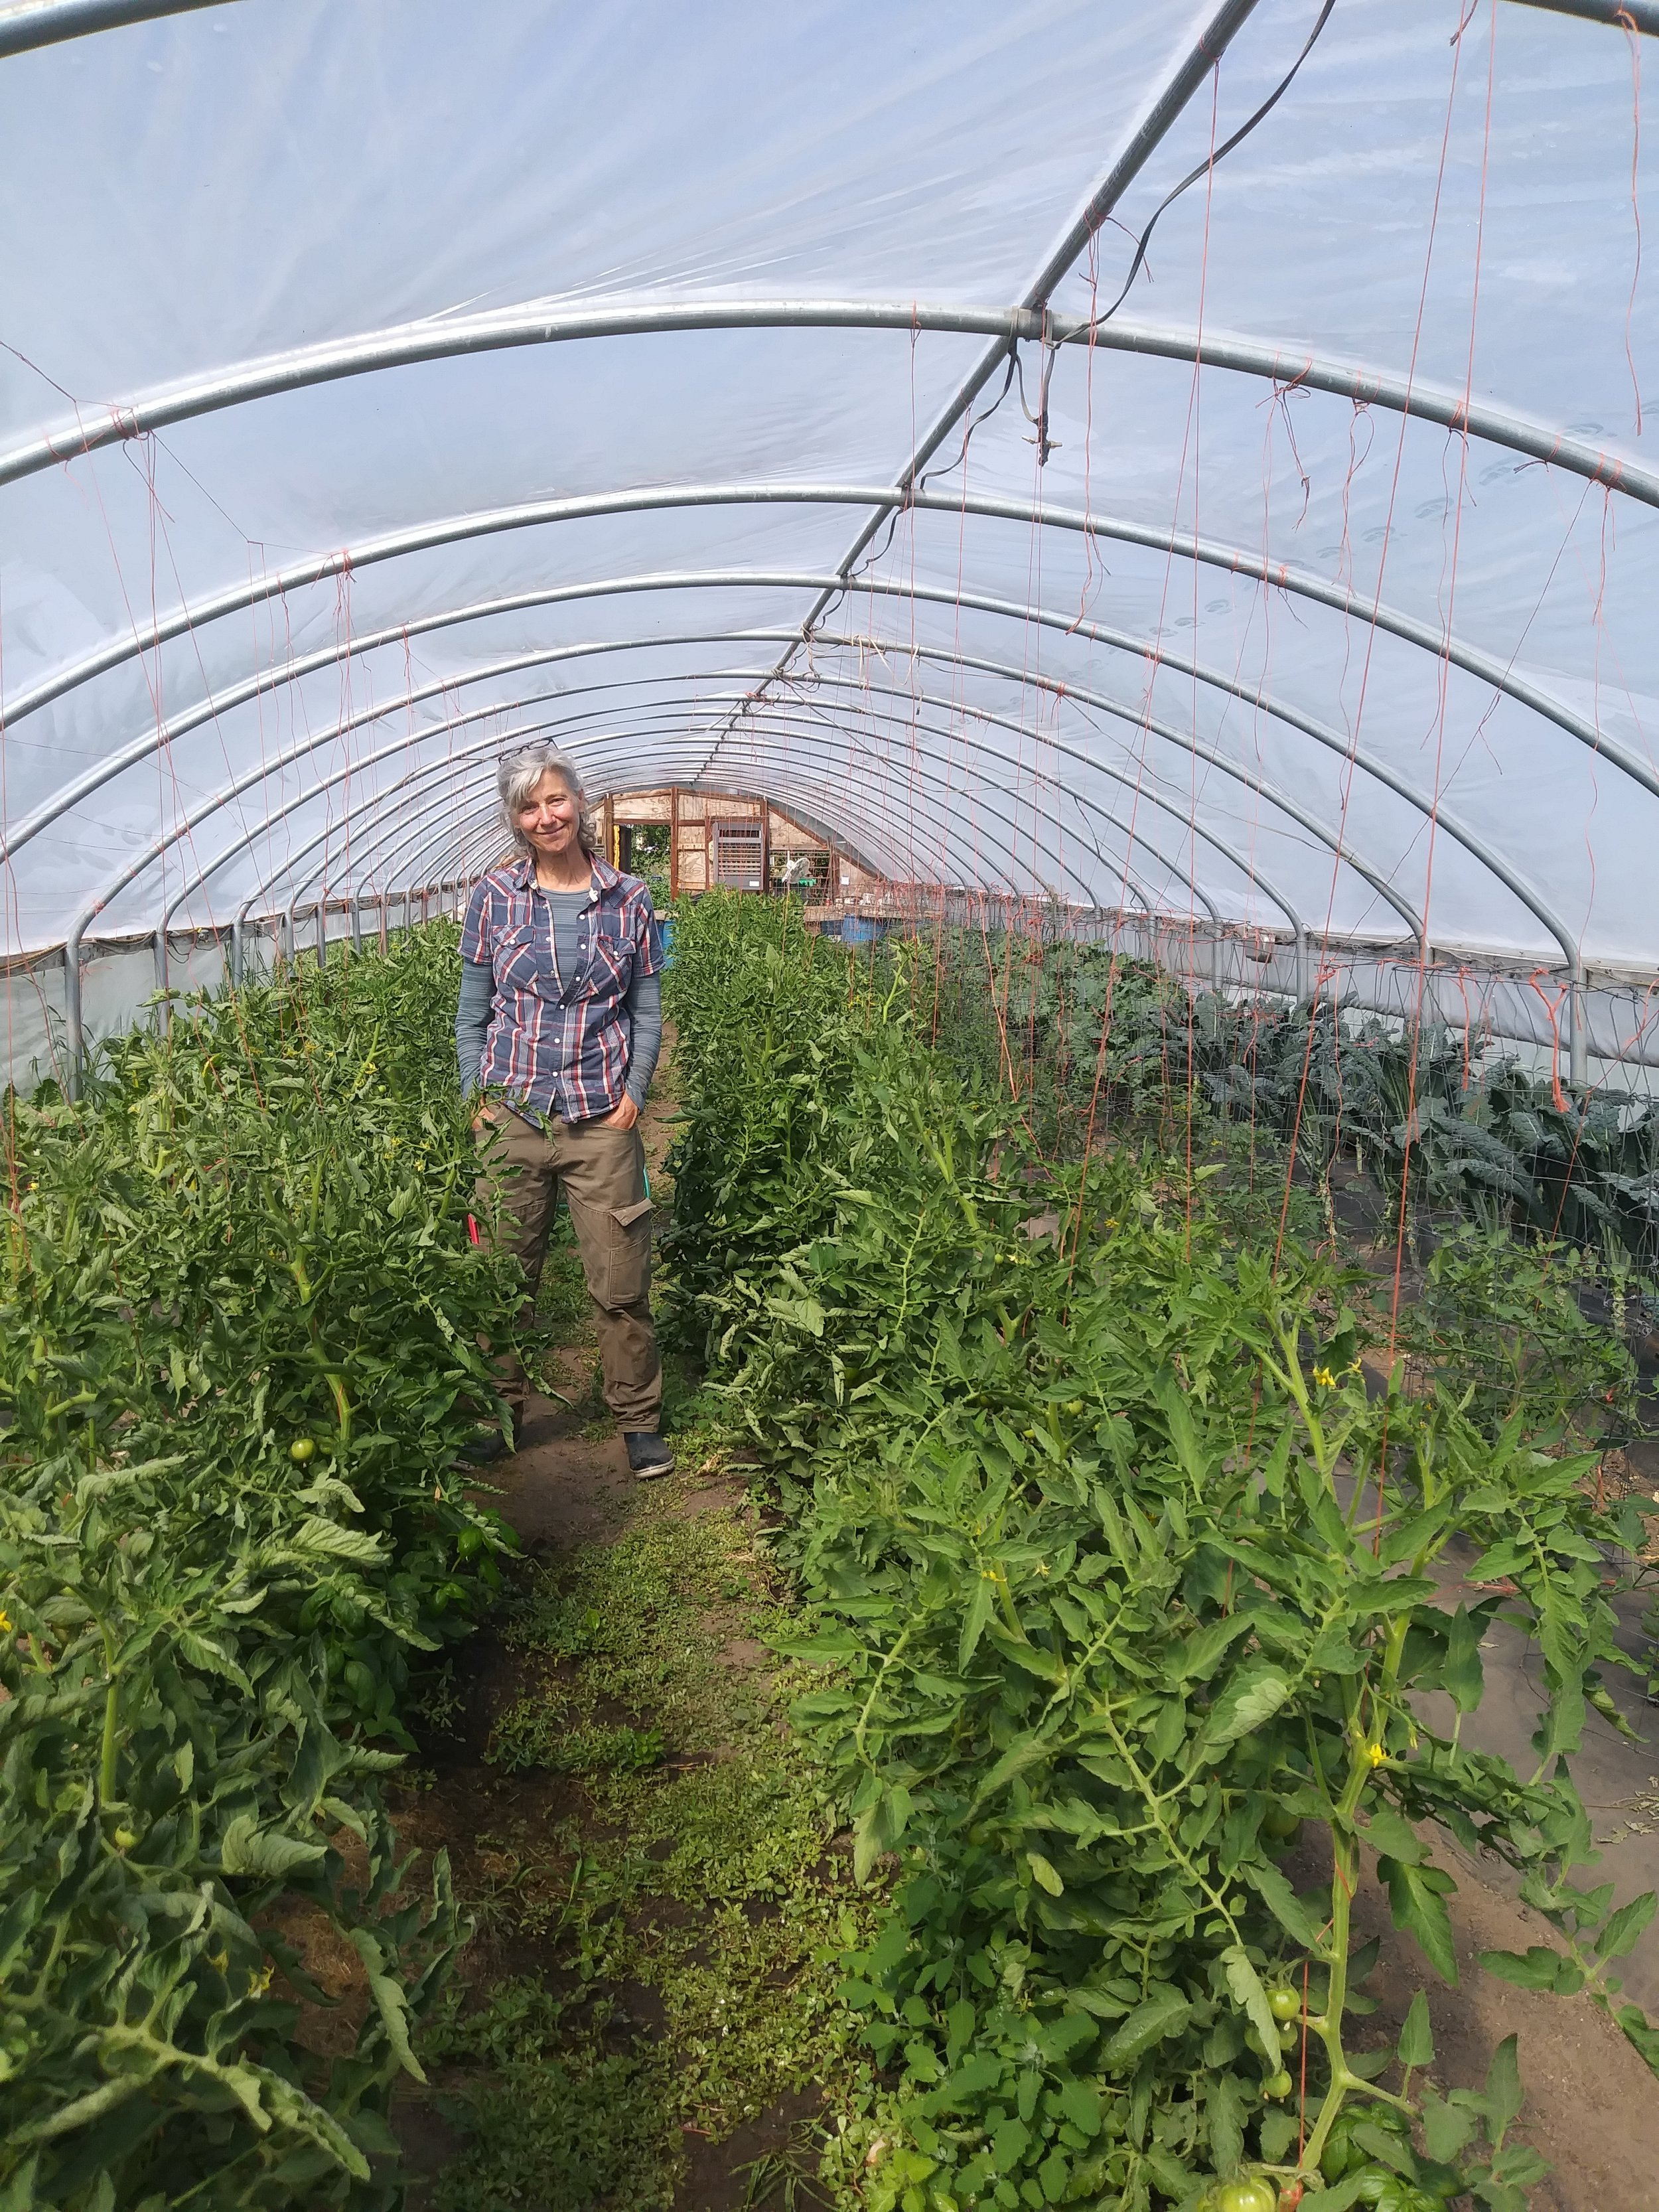 Tarawyn of Urban Eden Farm